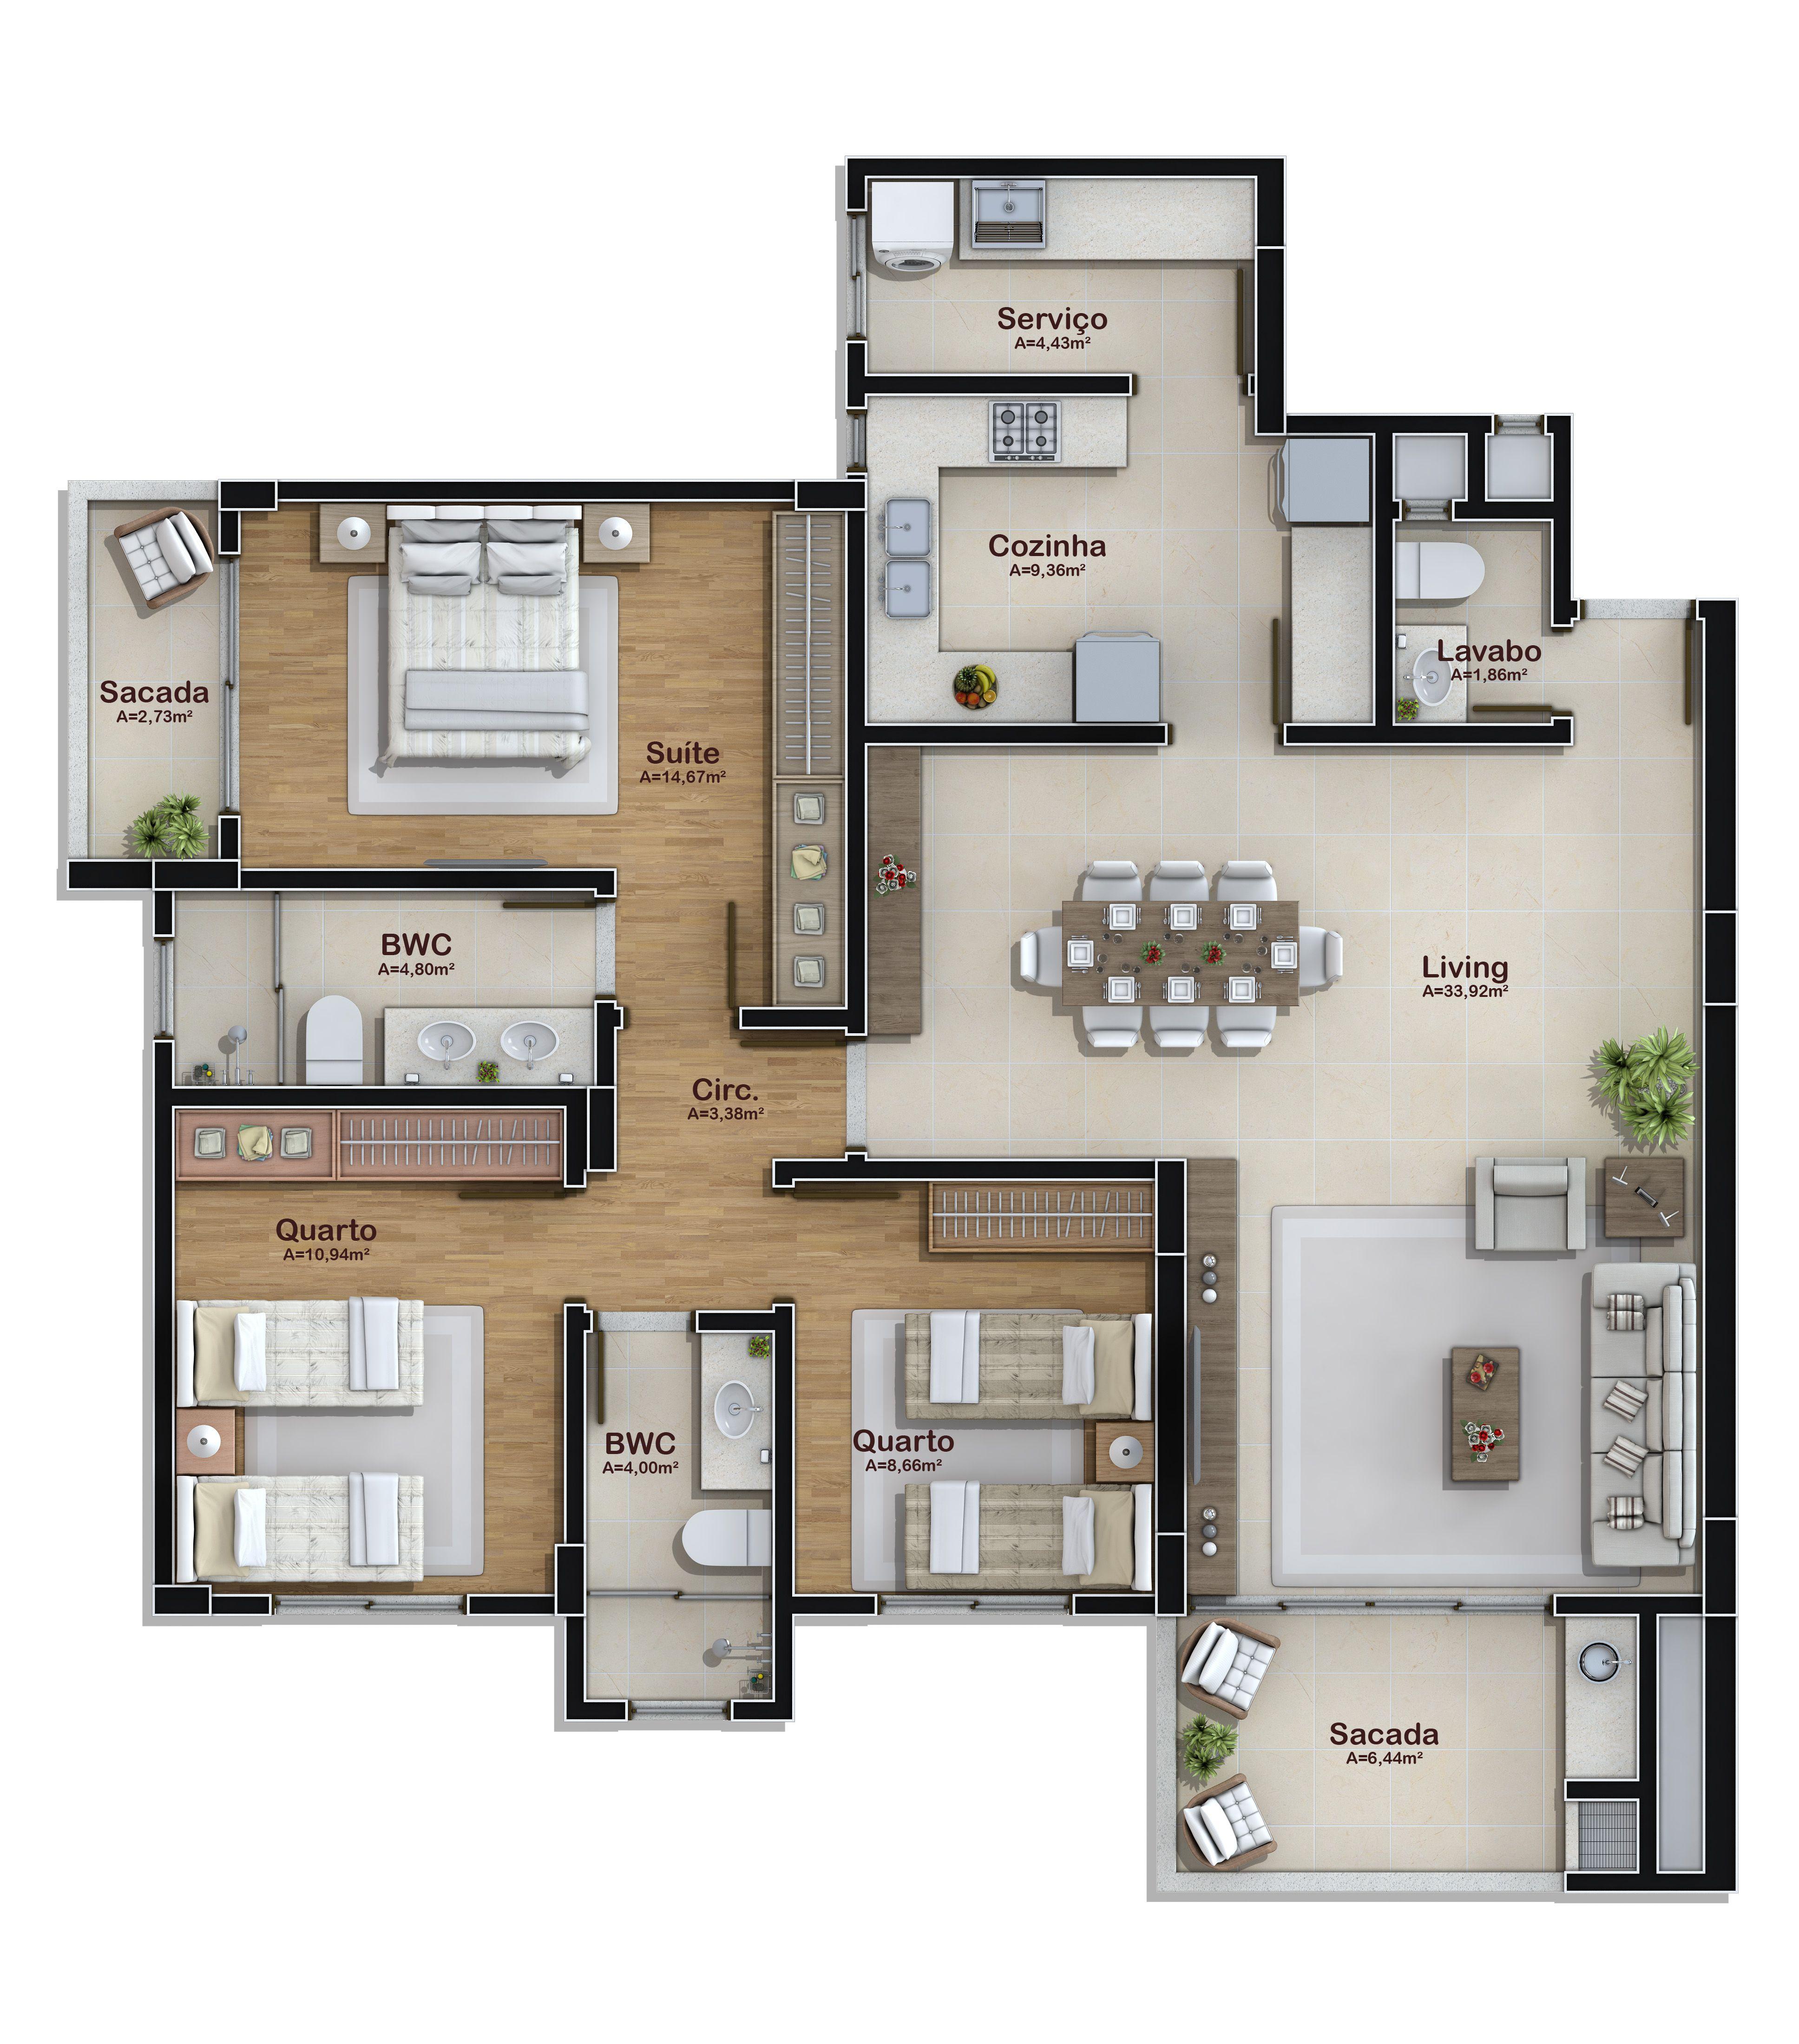 3 Dormitorios 2 Vagas Garagem 120 M Grundrisse Bungalow